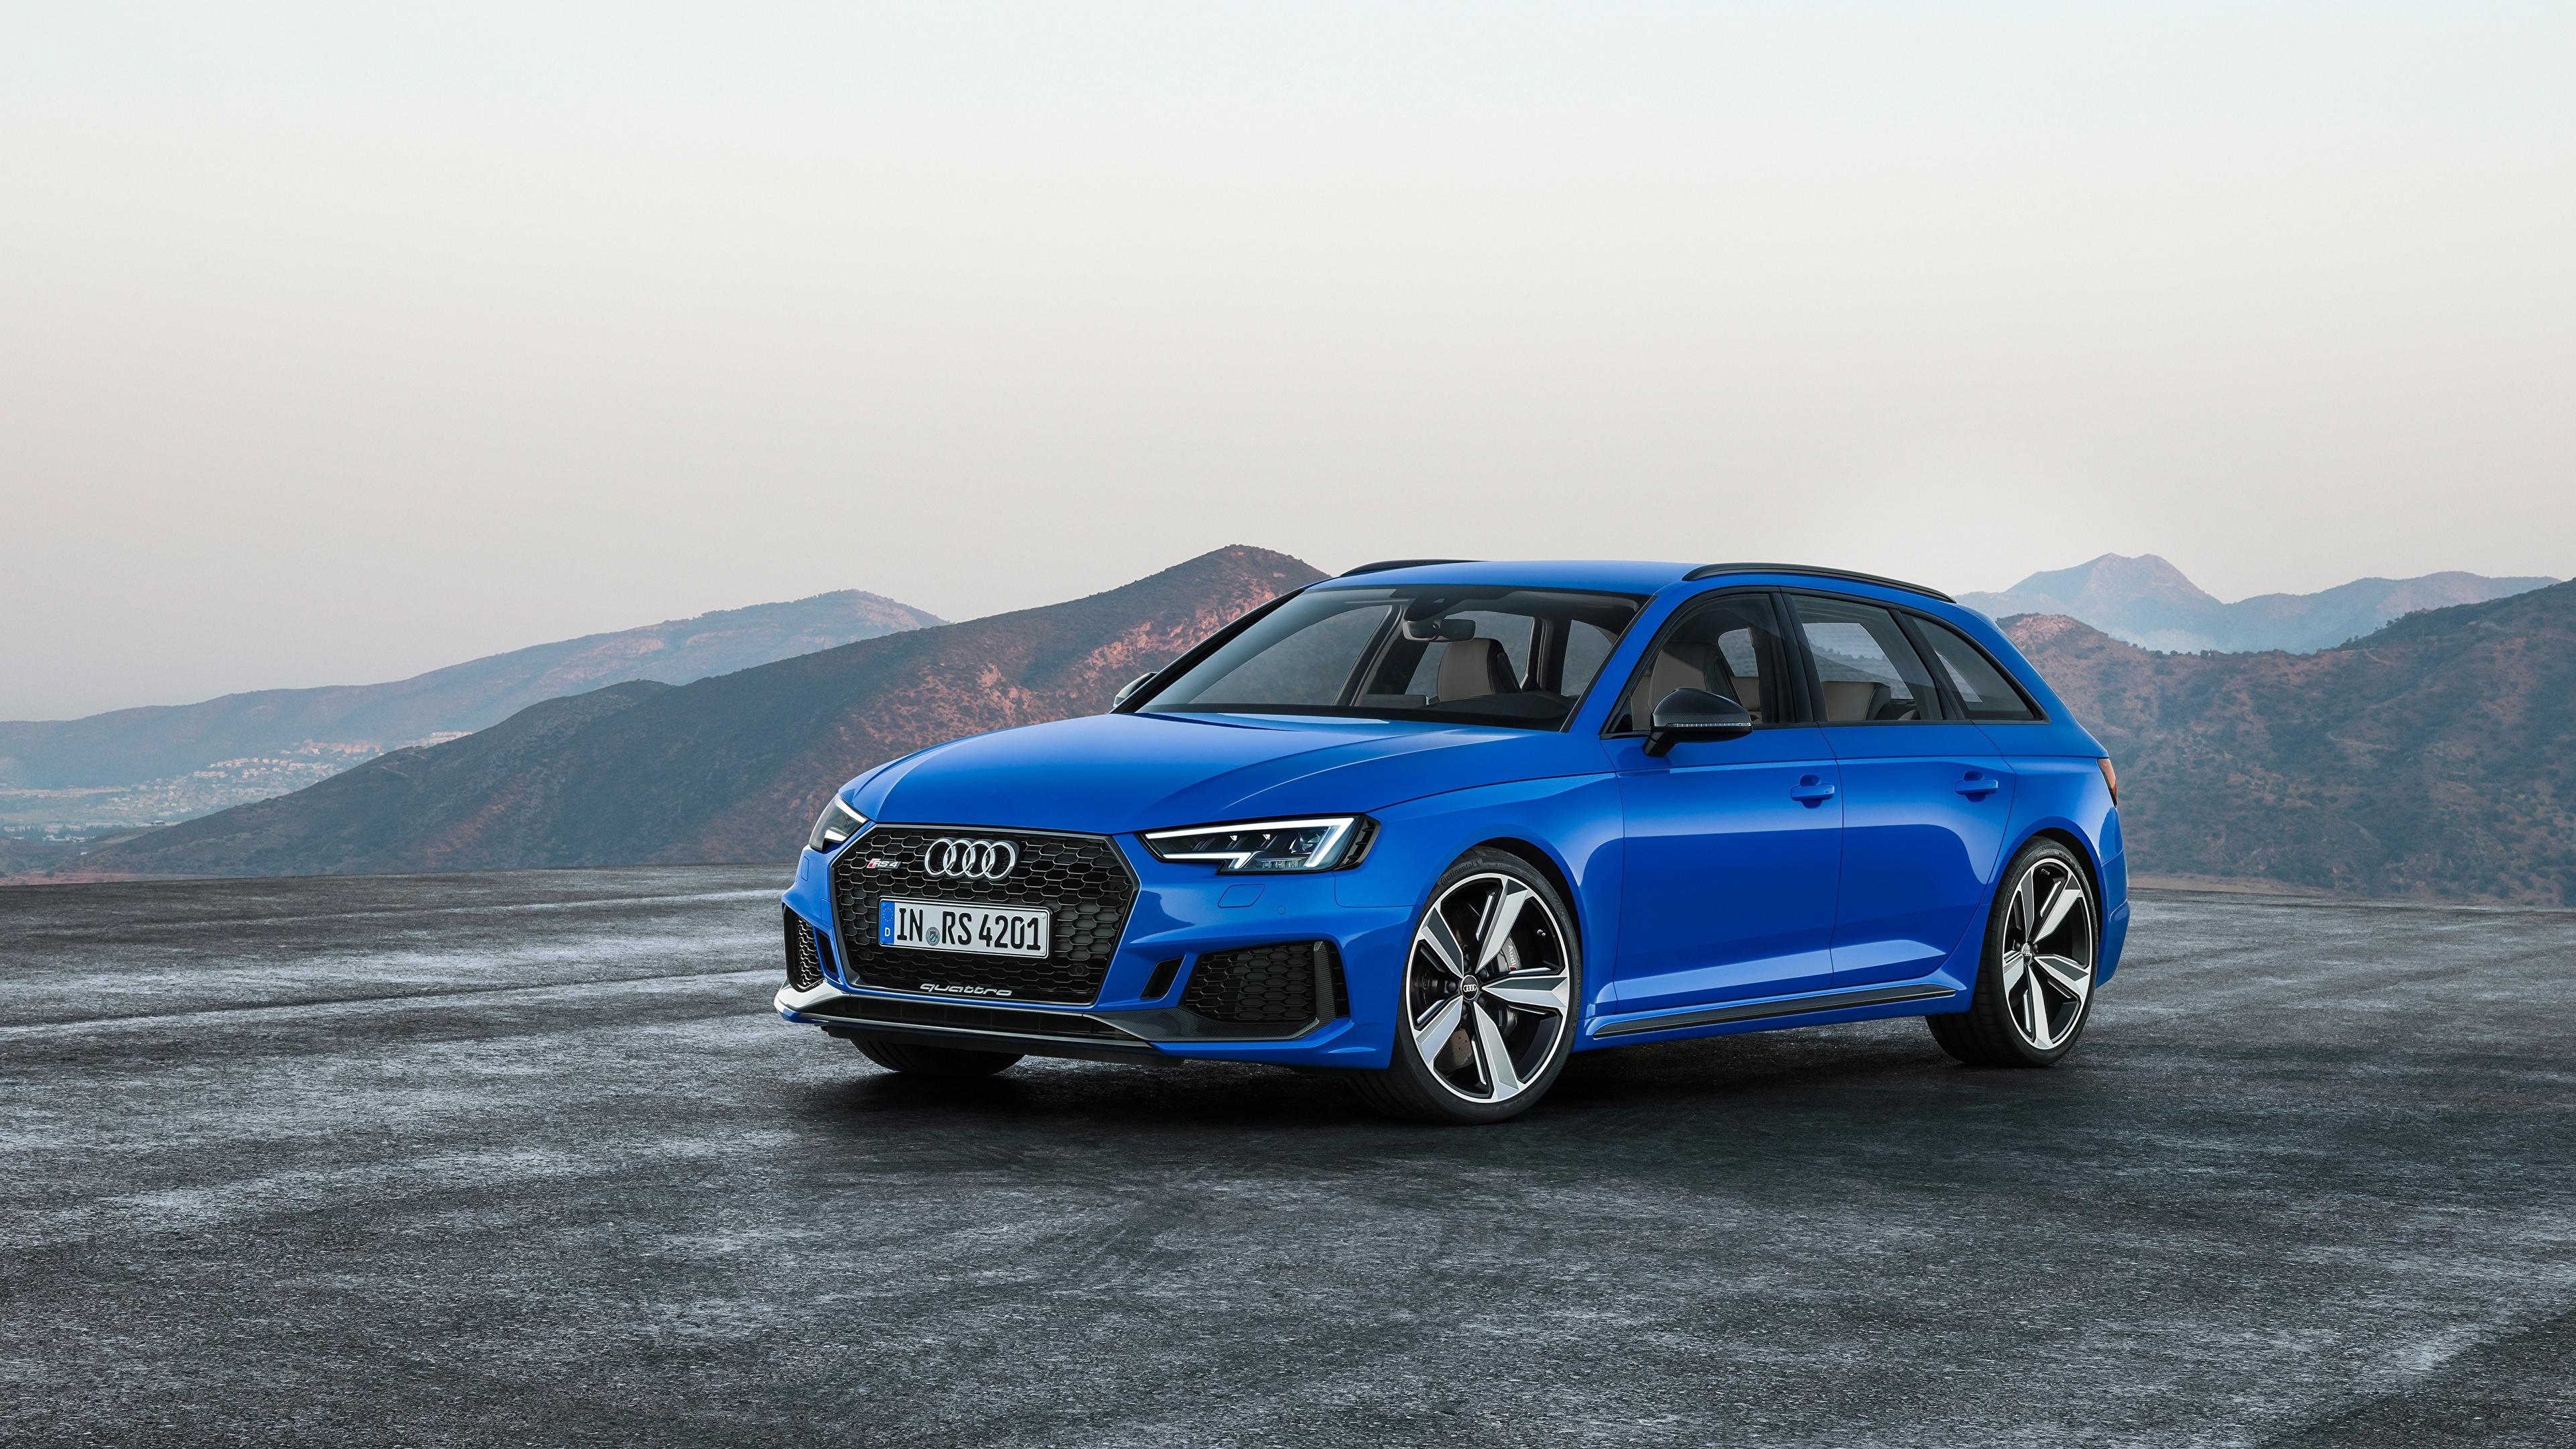 Обои для рабочего стола Ауди Универсал RS4, Avant, 2017 Синий авто Асфальт 3840x2160 Audi синяя синие синих машины машина асфальта Автомобили автомобиль